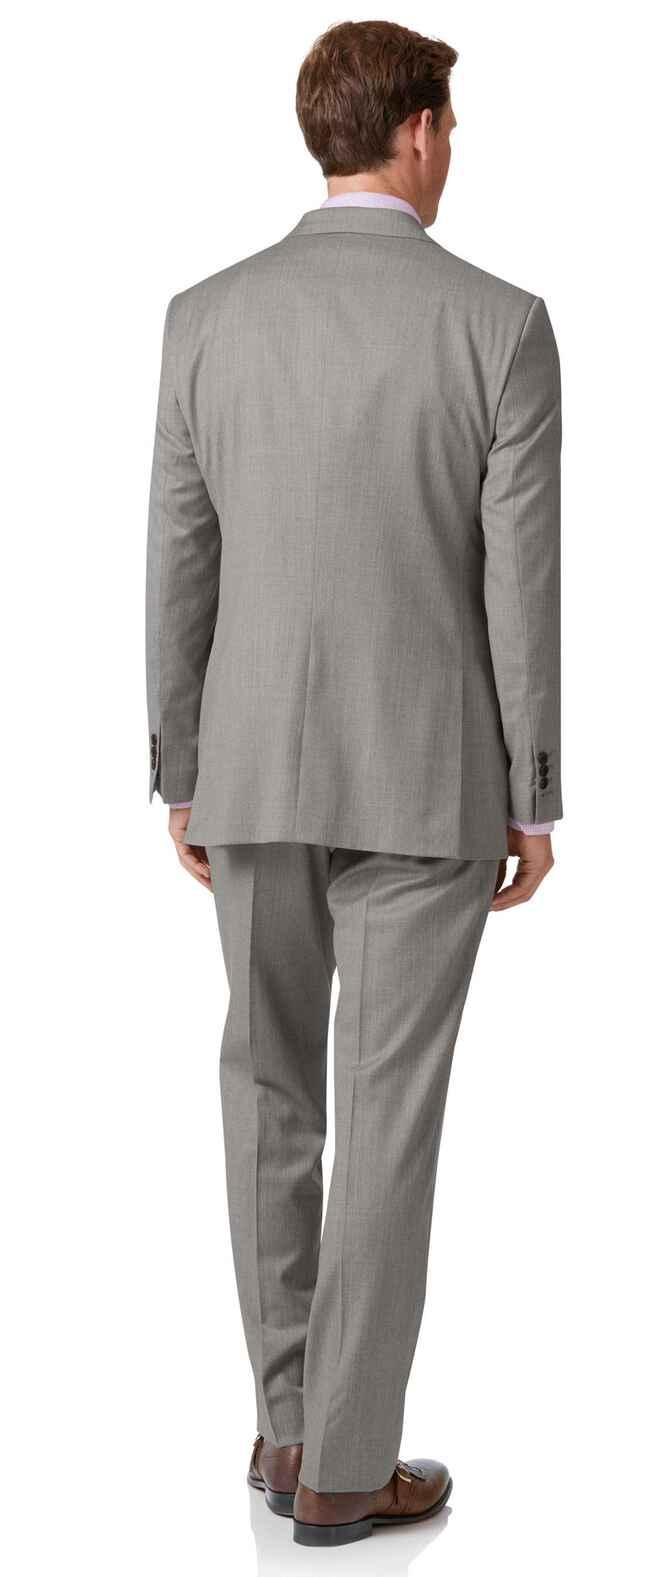 Costume argent en tissu italien coupe droite